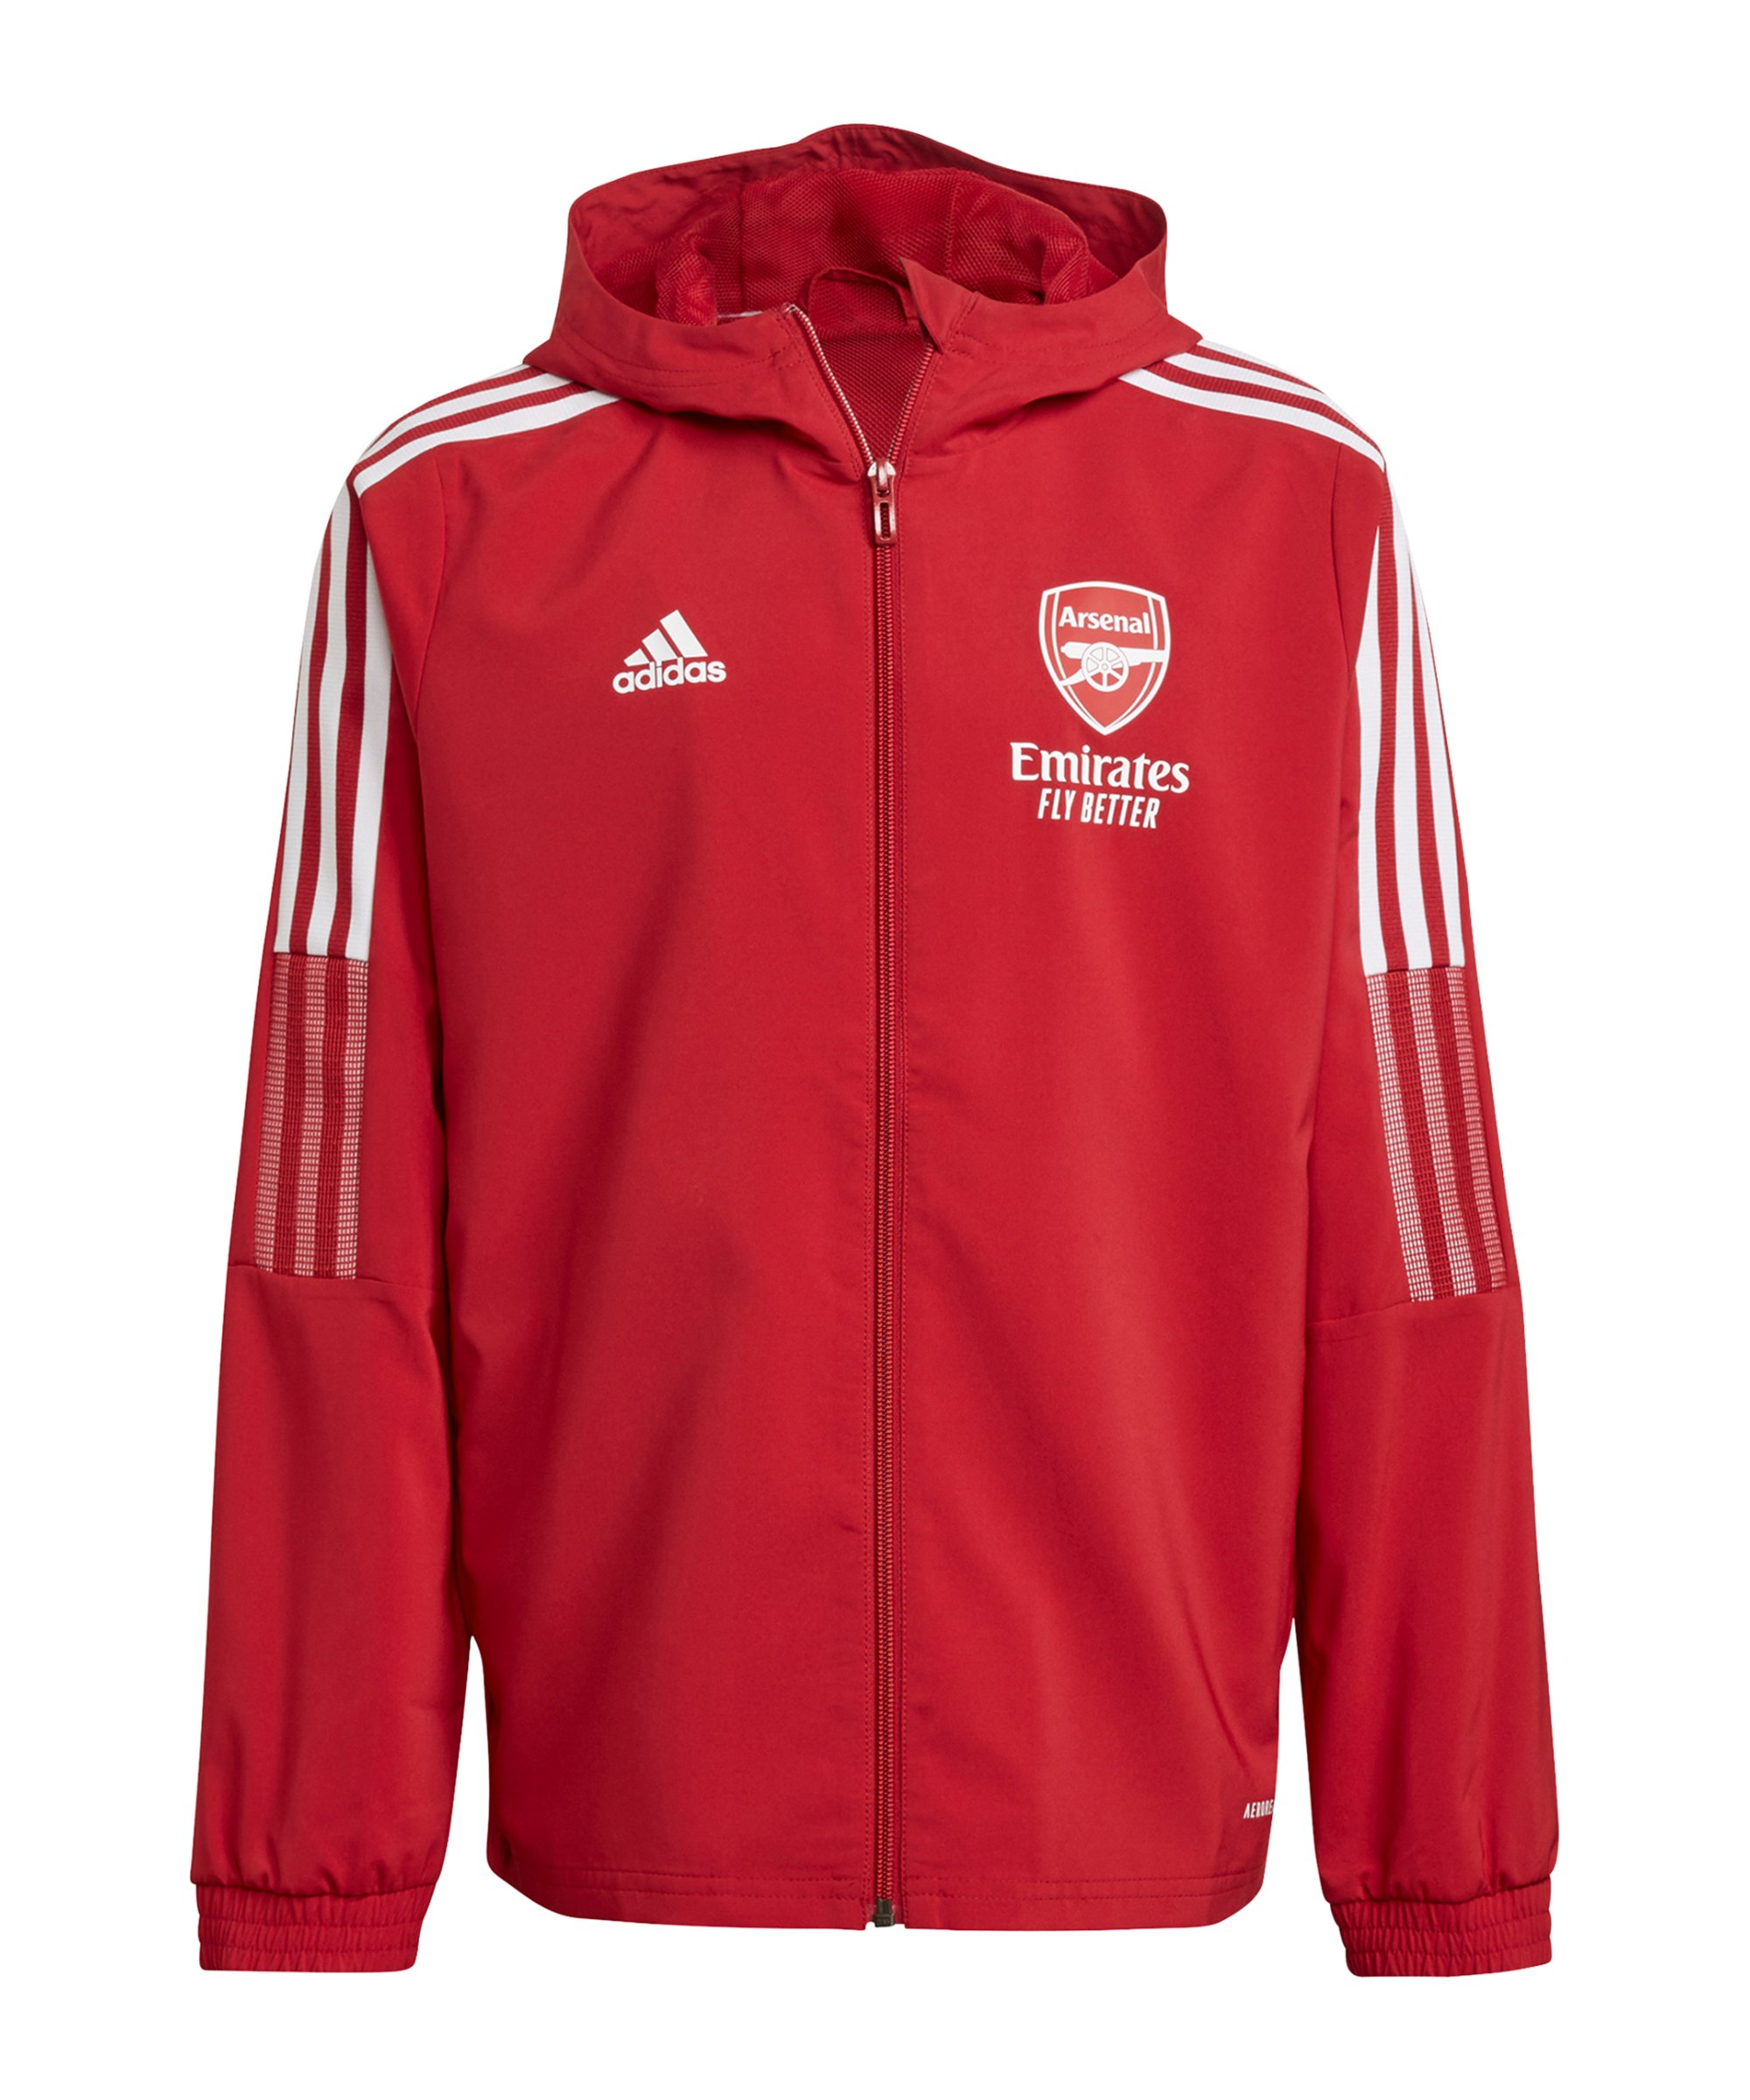 adidas FC Arsenal London Prematch Jacke 2021/2022 Kids Rot - rot